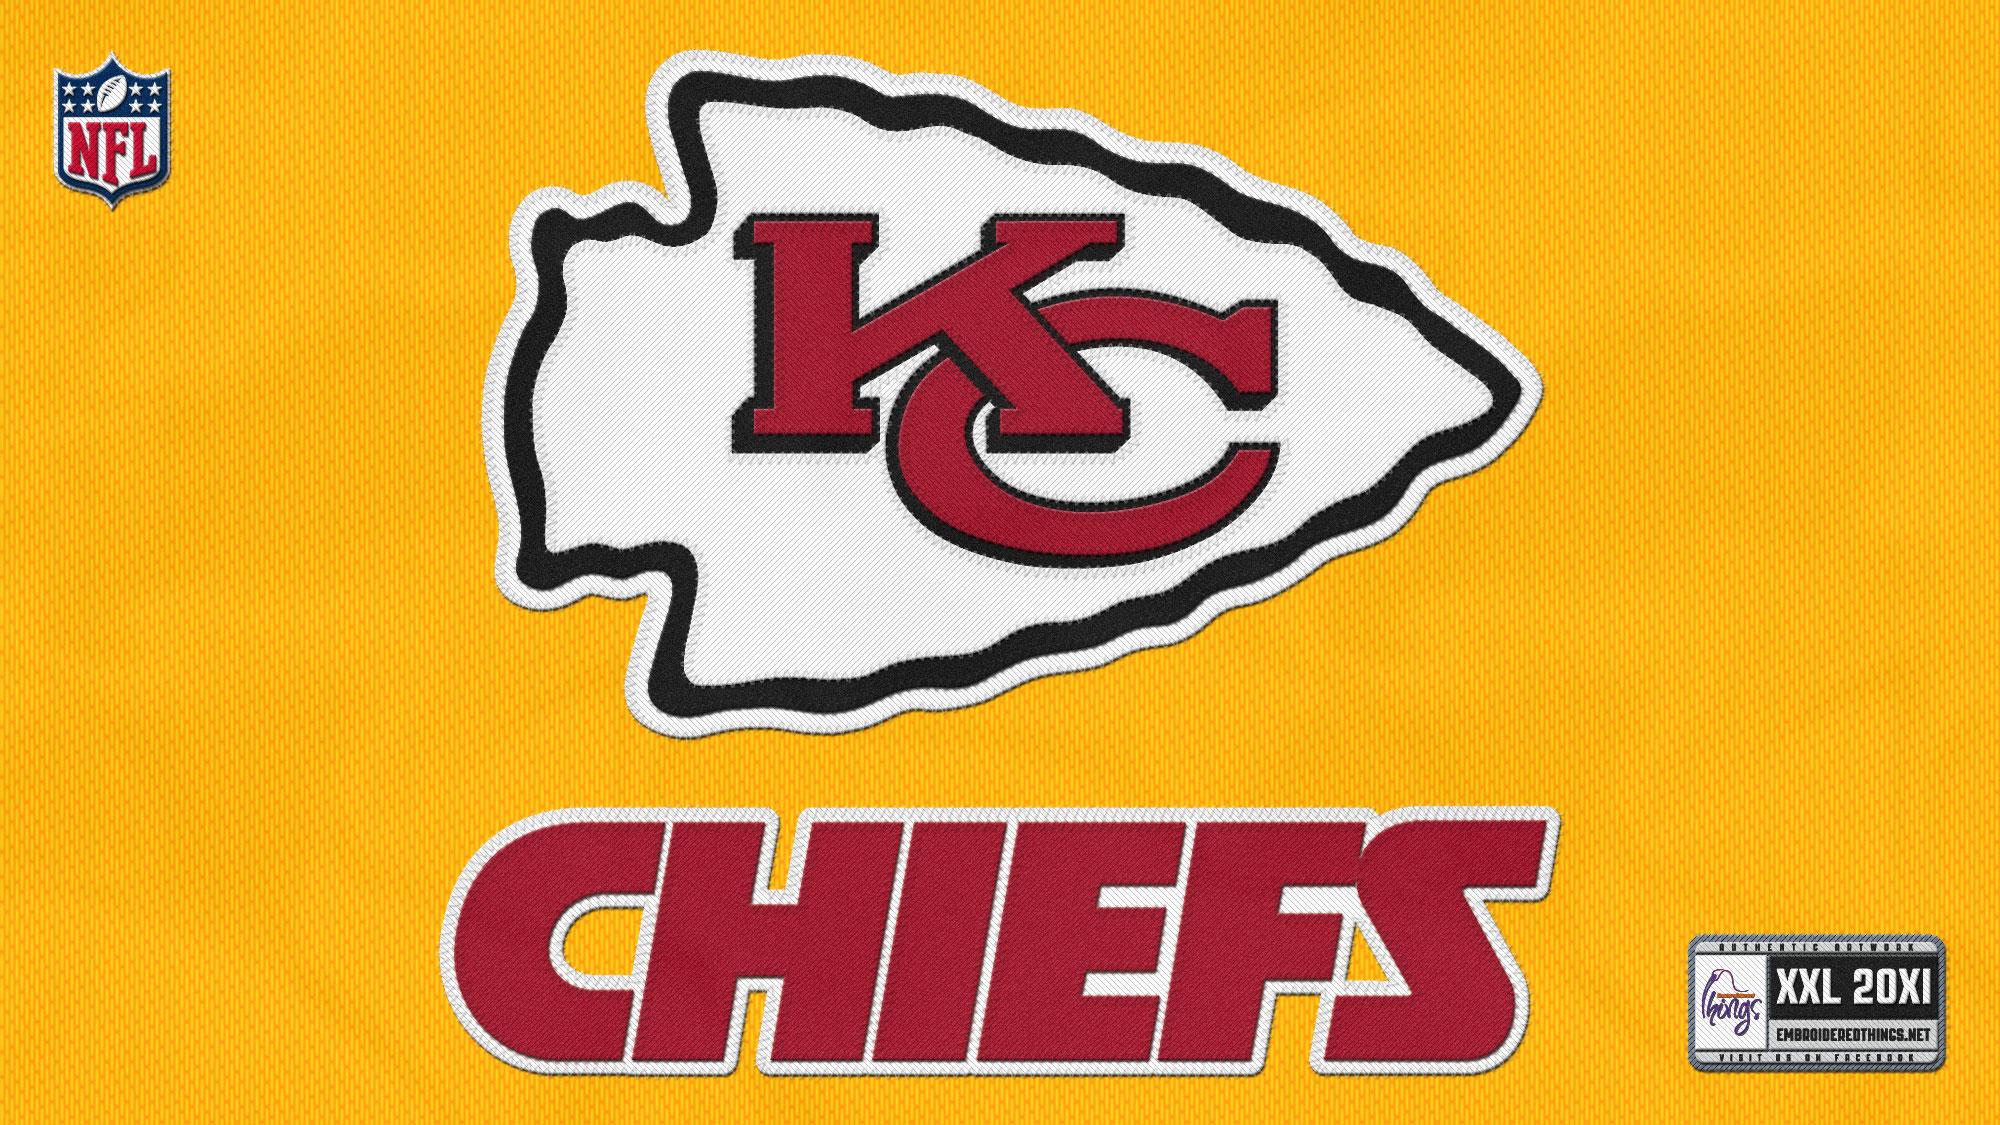 Kansas City Chiefs Wallpaper 1440x900